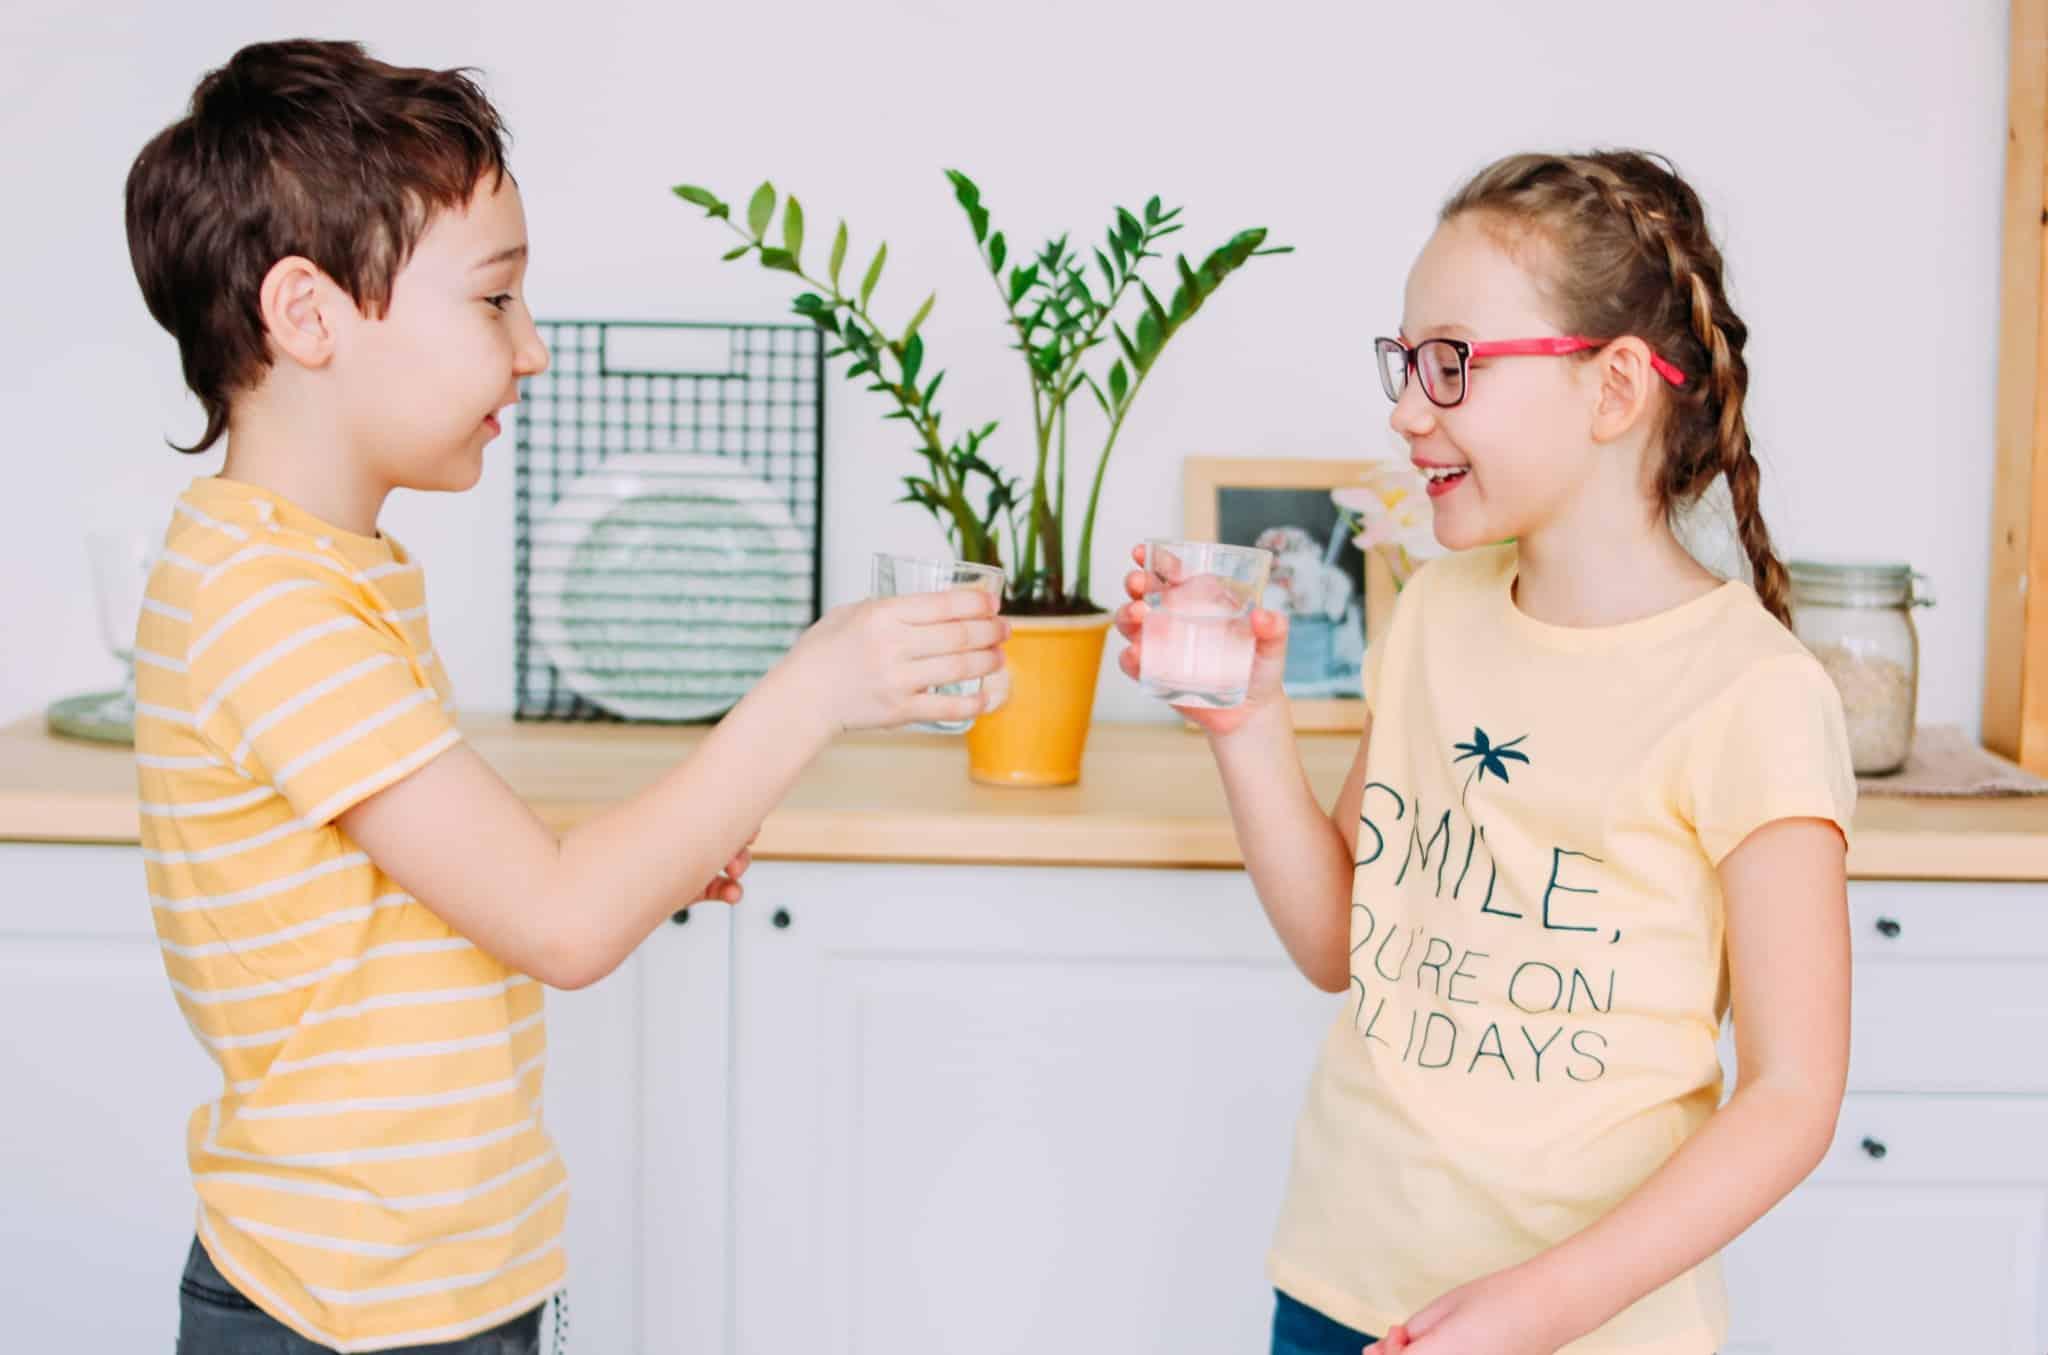 crianças a beber copos de água